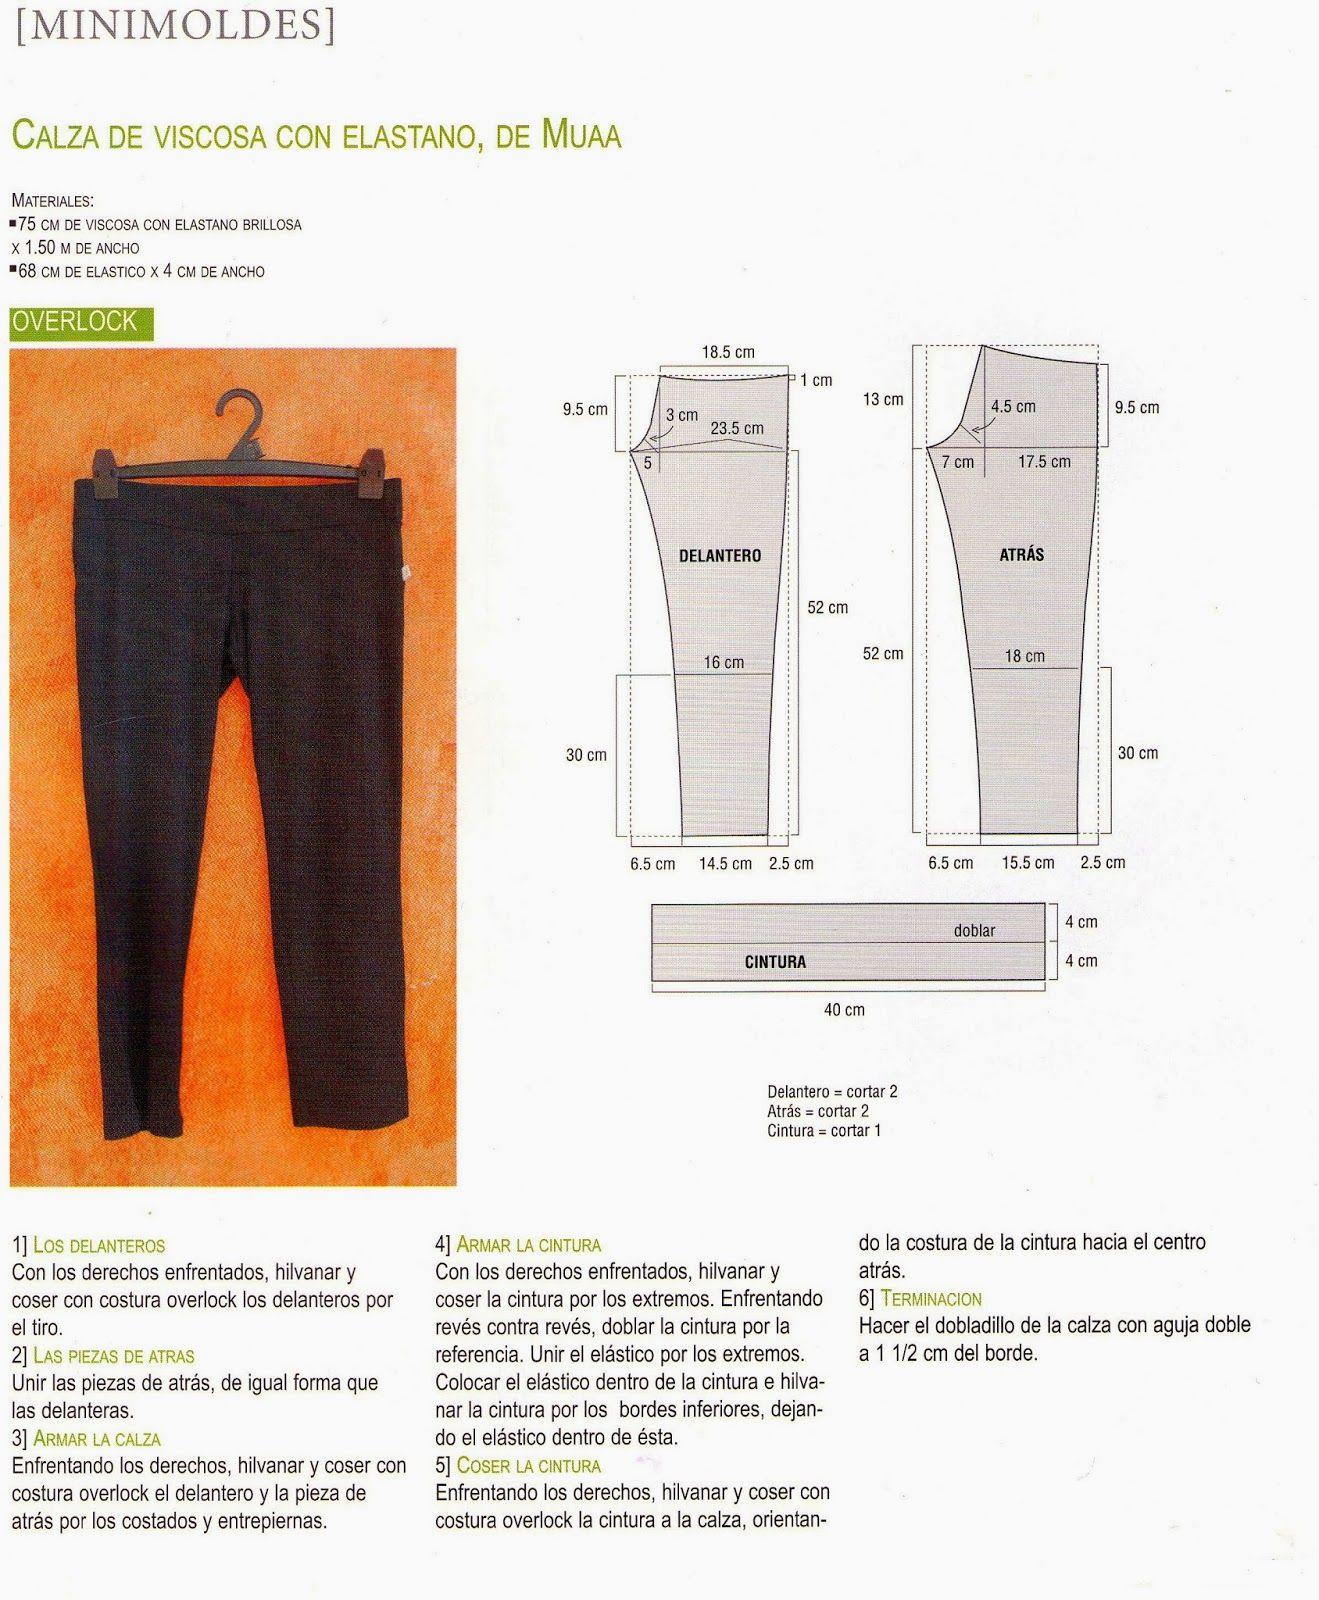 mi blog d costura: como hacer una calza … | Pantalones cortos | Pinte…